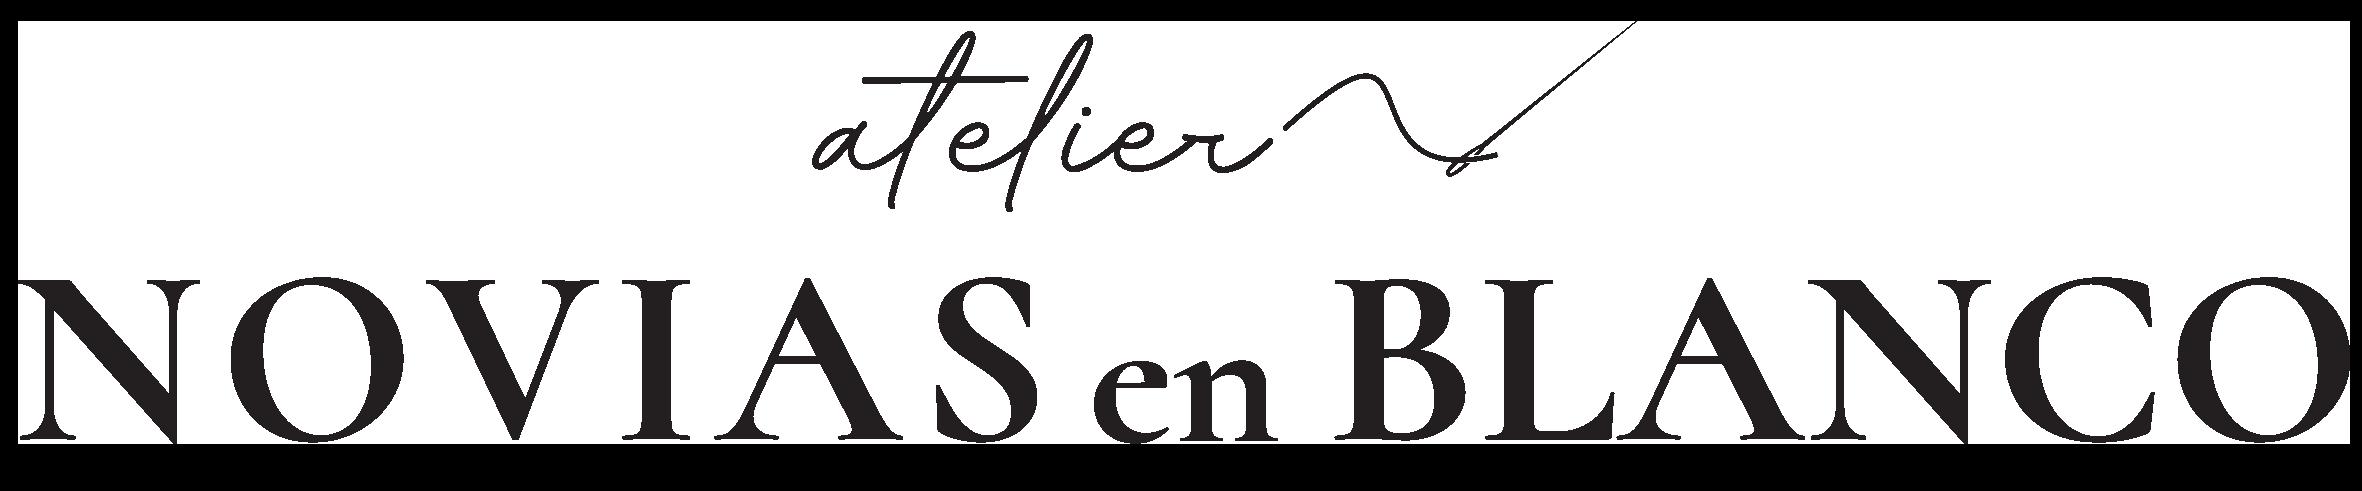 ATELIER NOVIAS EN BLANCO